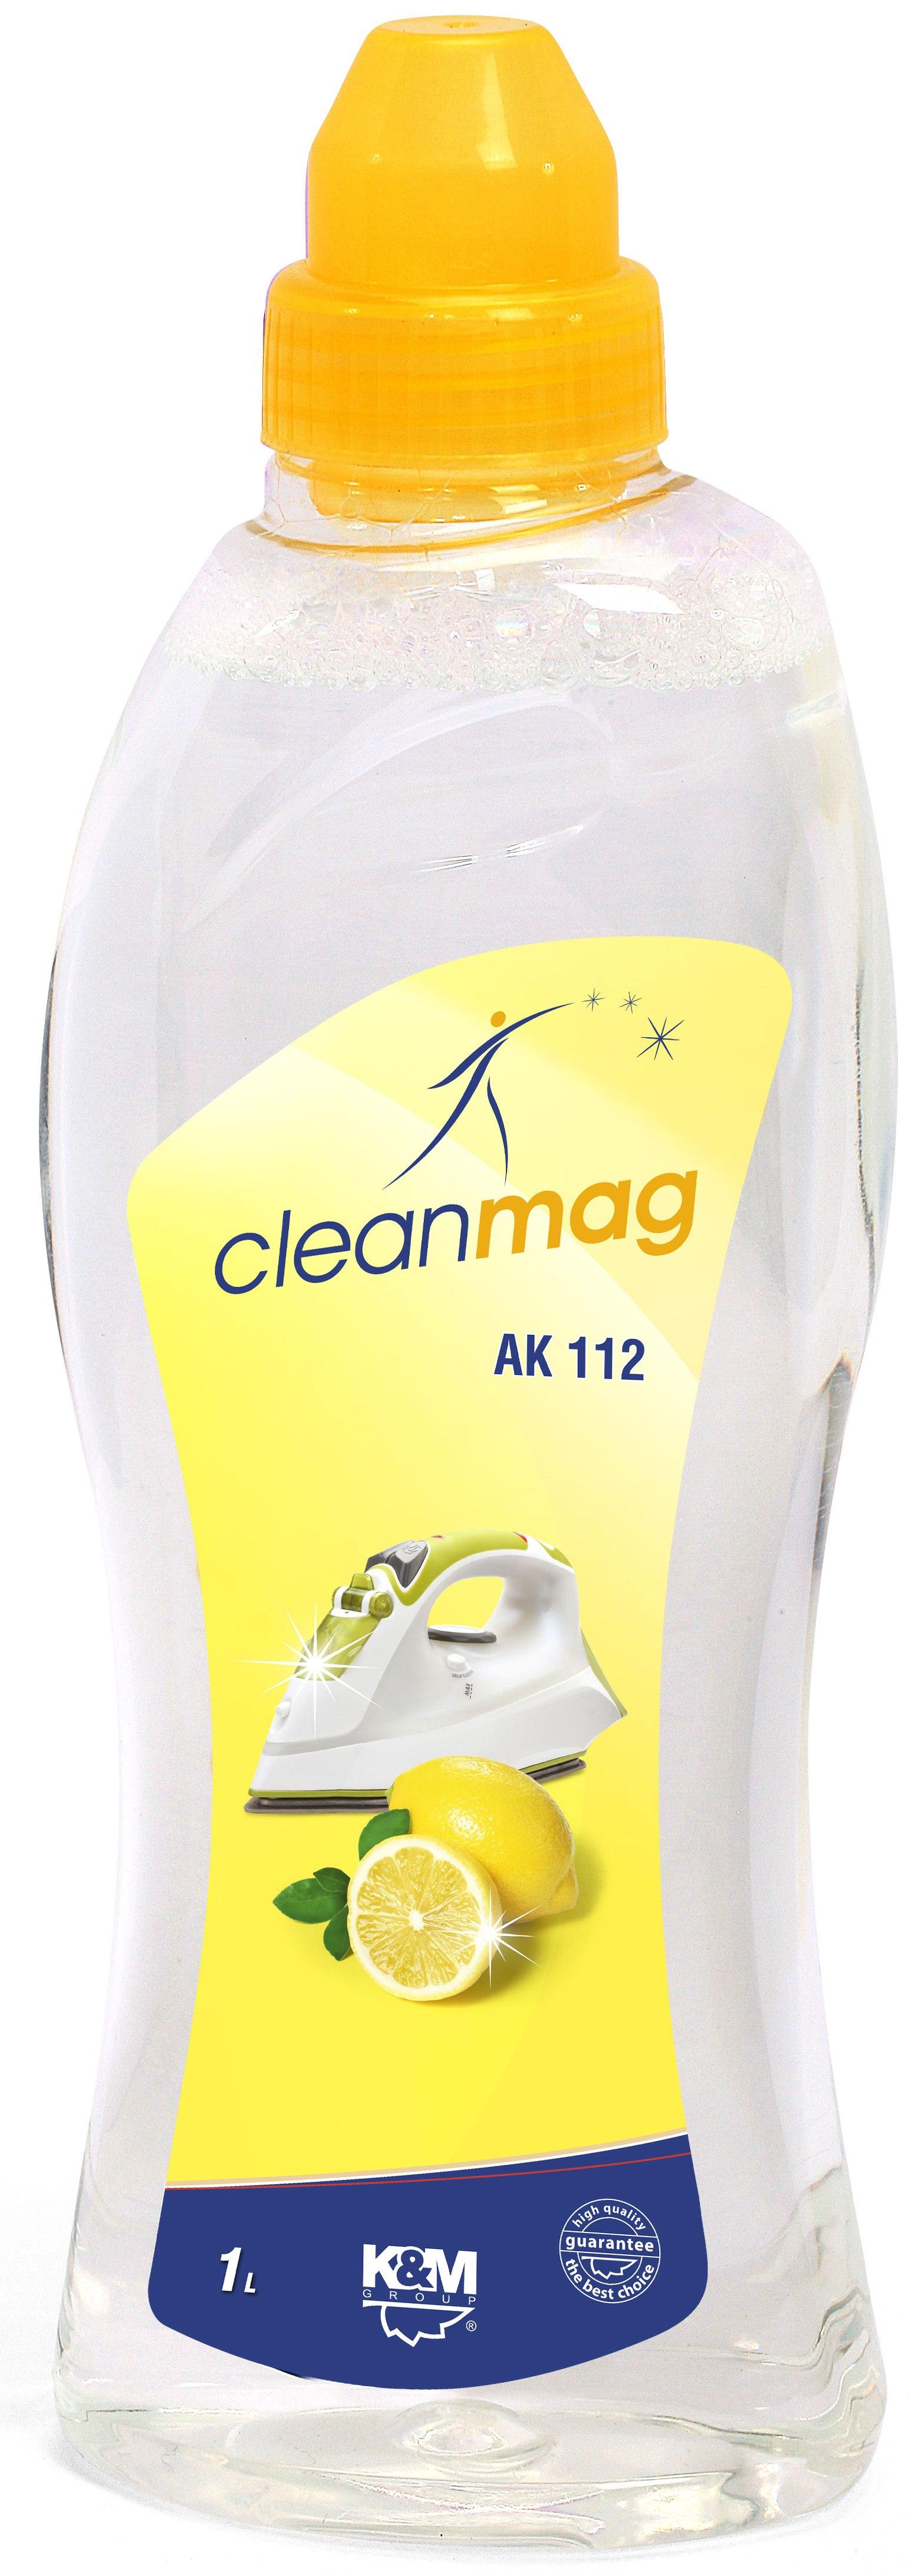 Apa cu miros de lamaie pentru fierul de calcat, 1L, K&M [0]